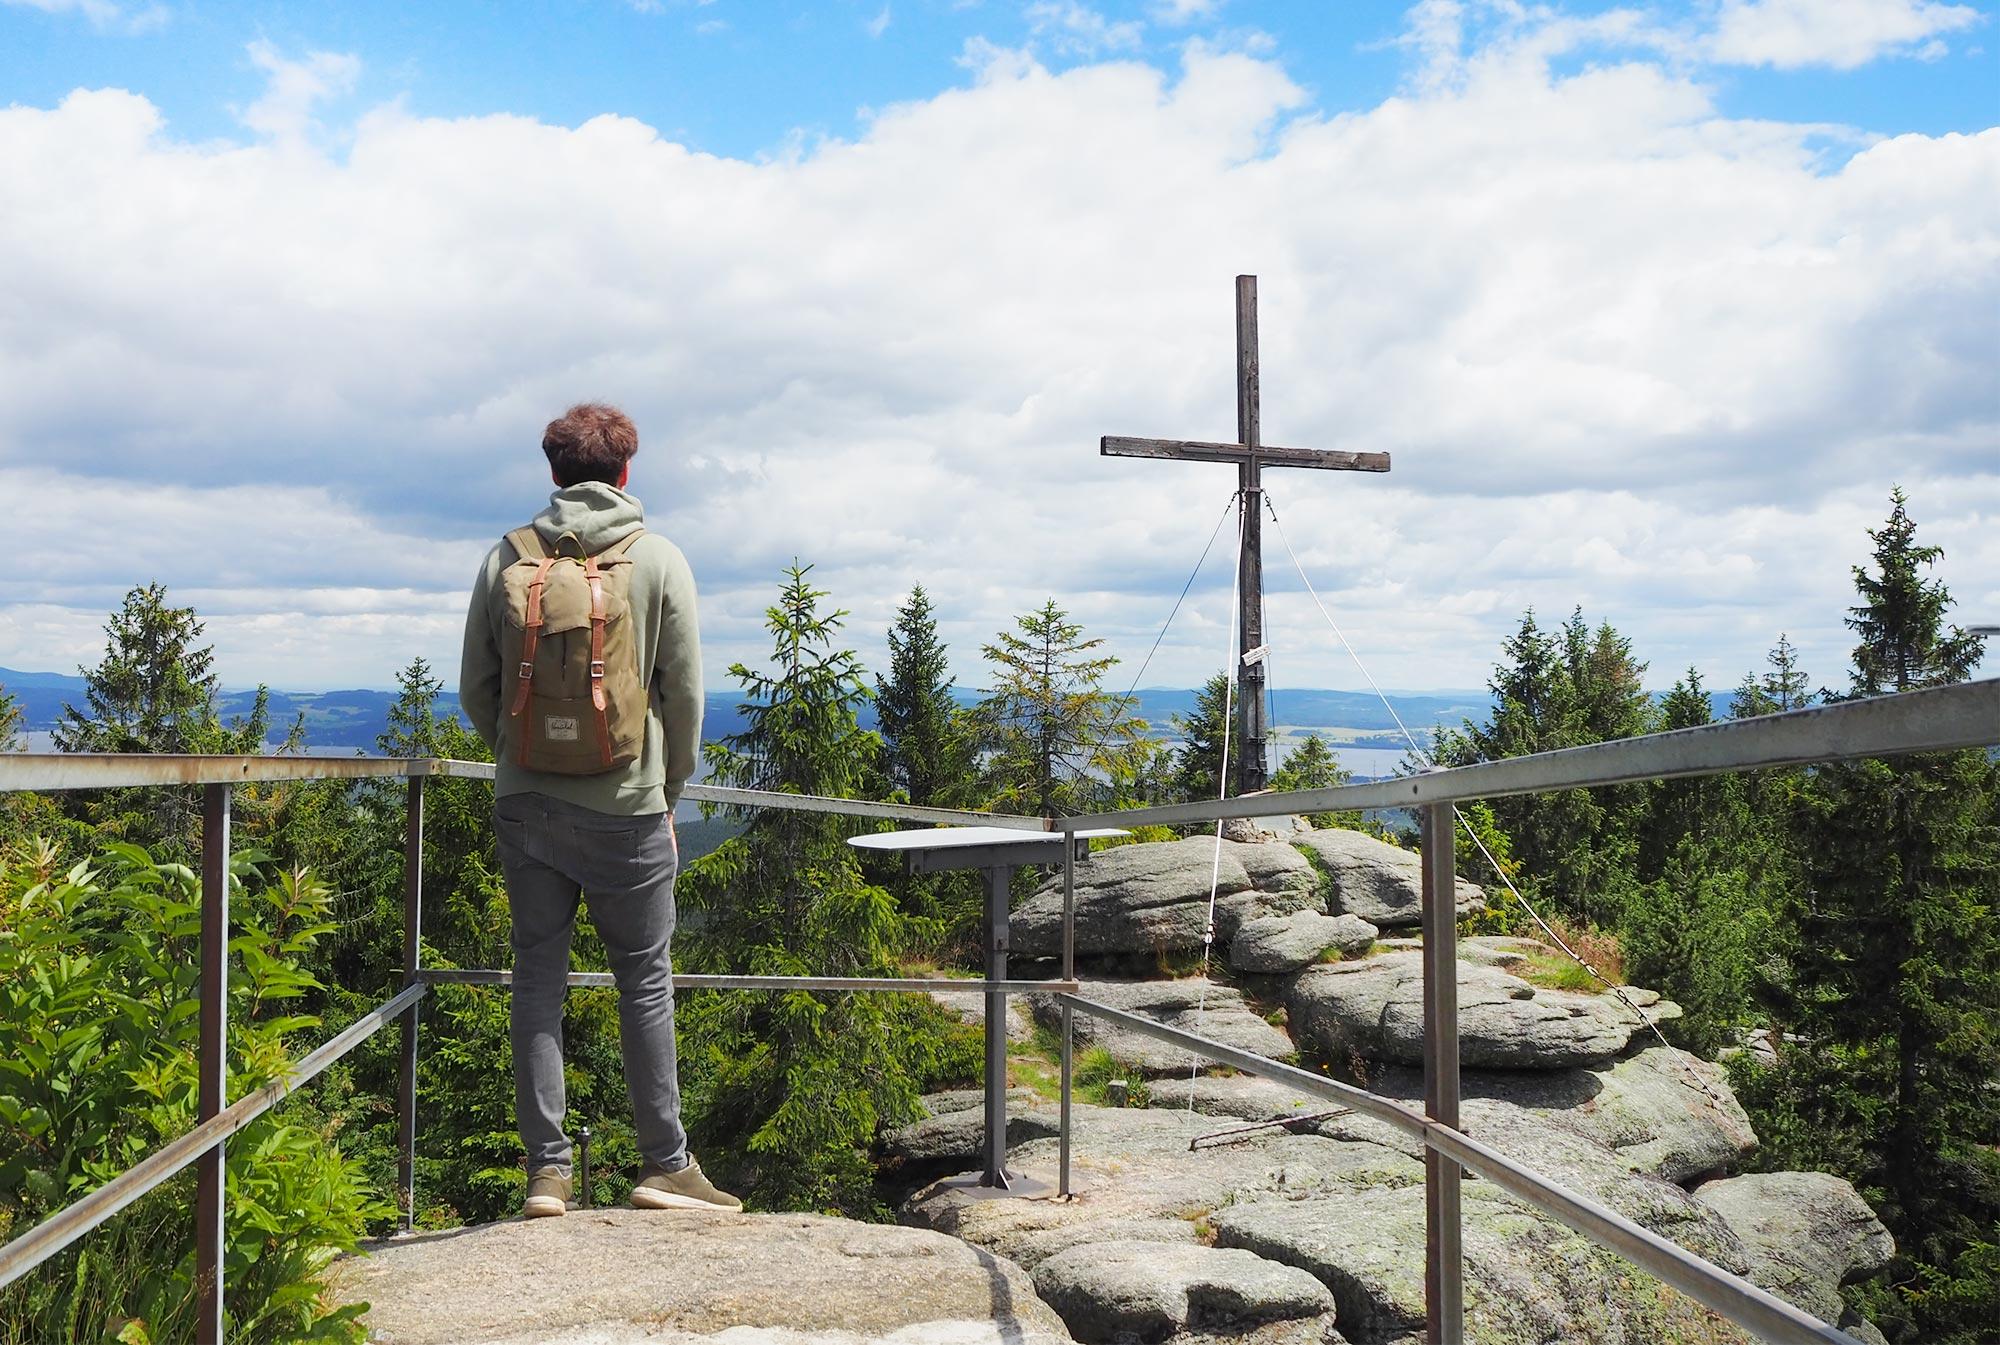 In der Nebensaison hat man sonst gut besuchte Aussichtspunkte gerne mal für sich